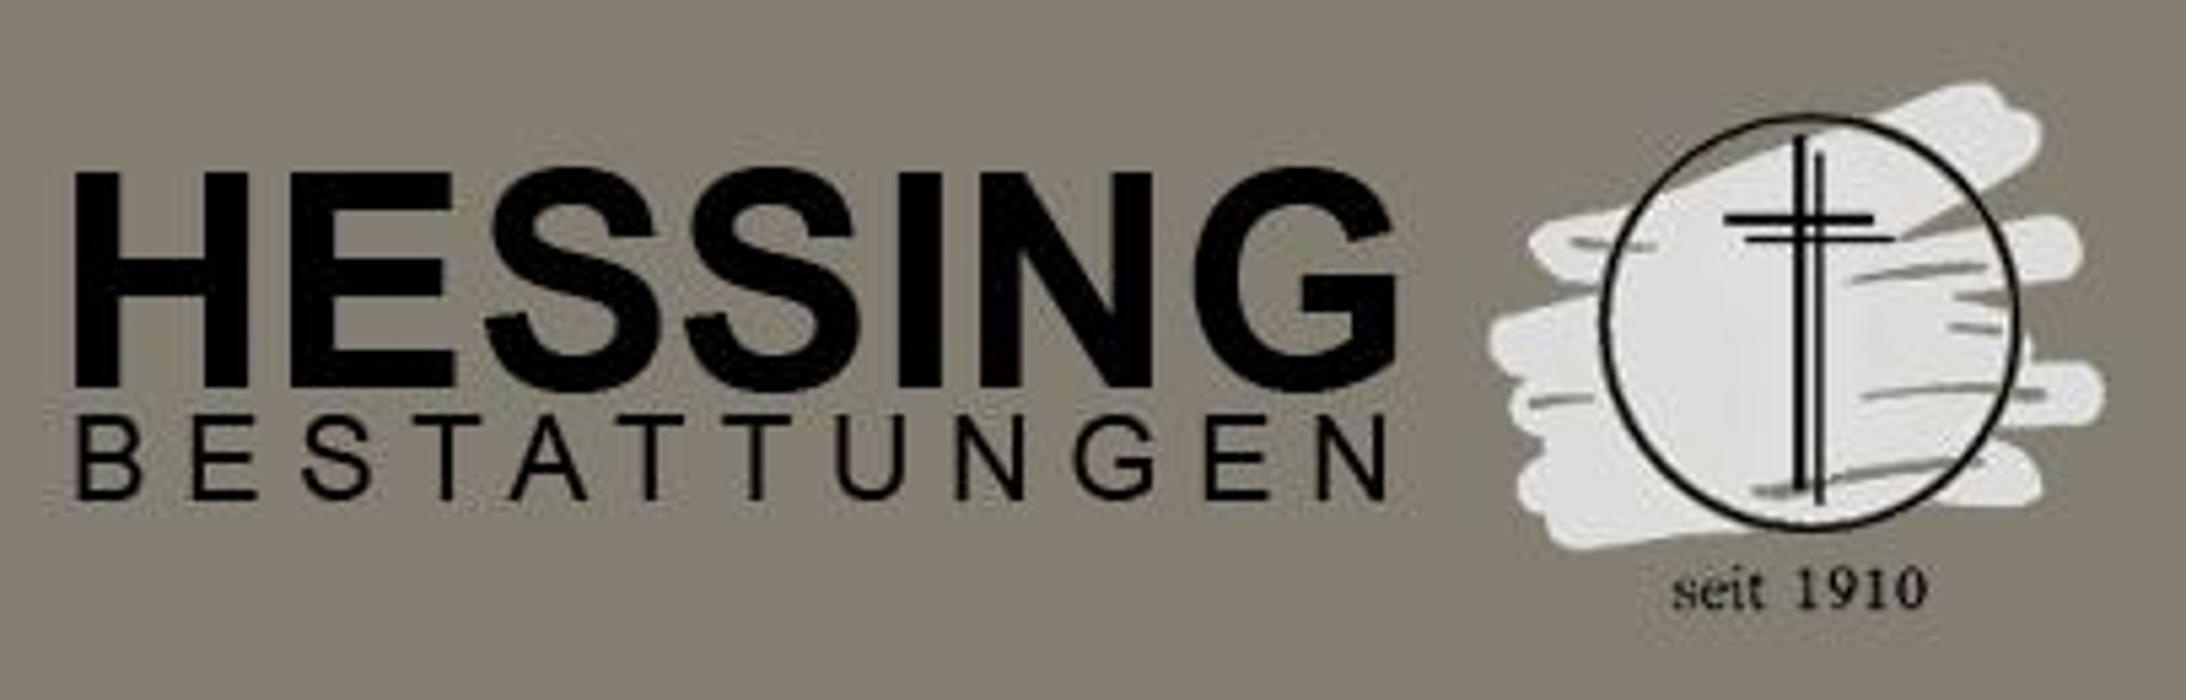 Bild zu Hessing Tischlerei-Bestattungen GmbH in Hildesheim